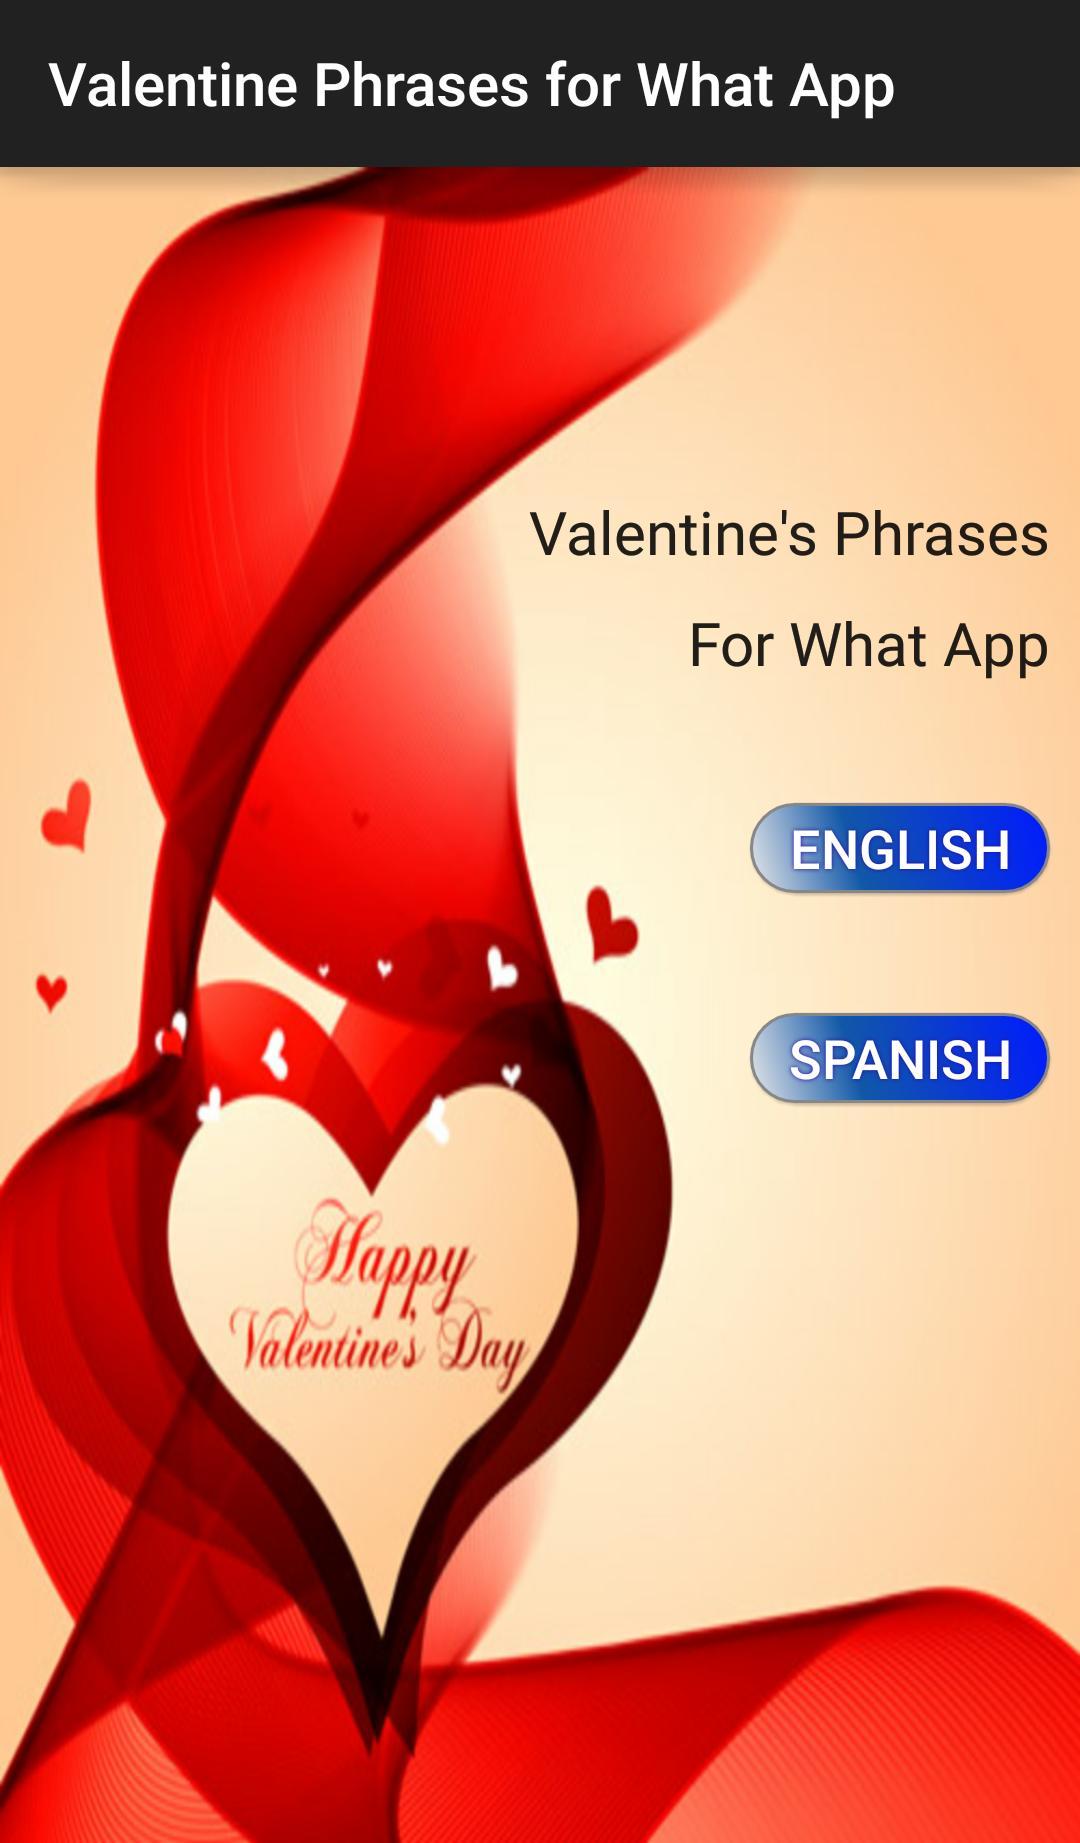 22+ Valentine App Download Background